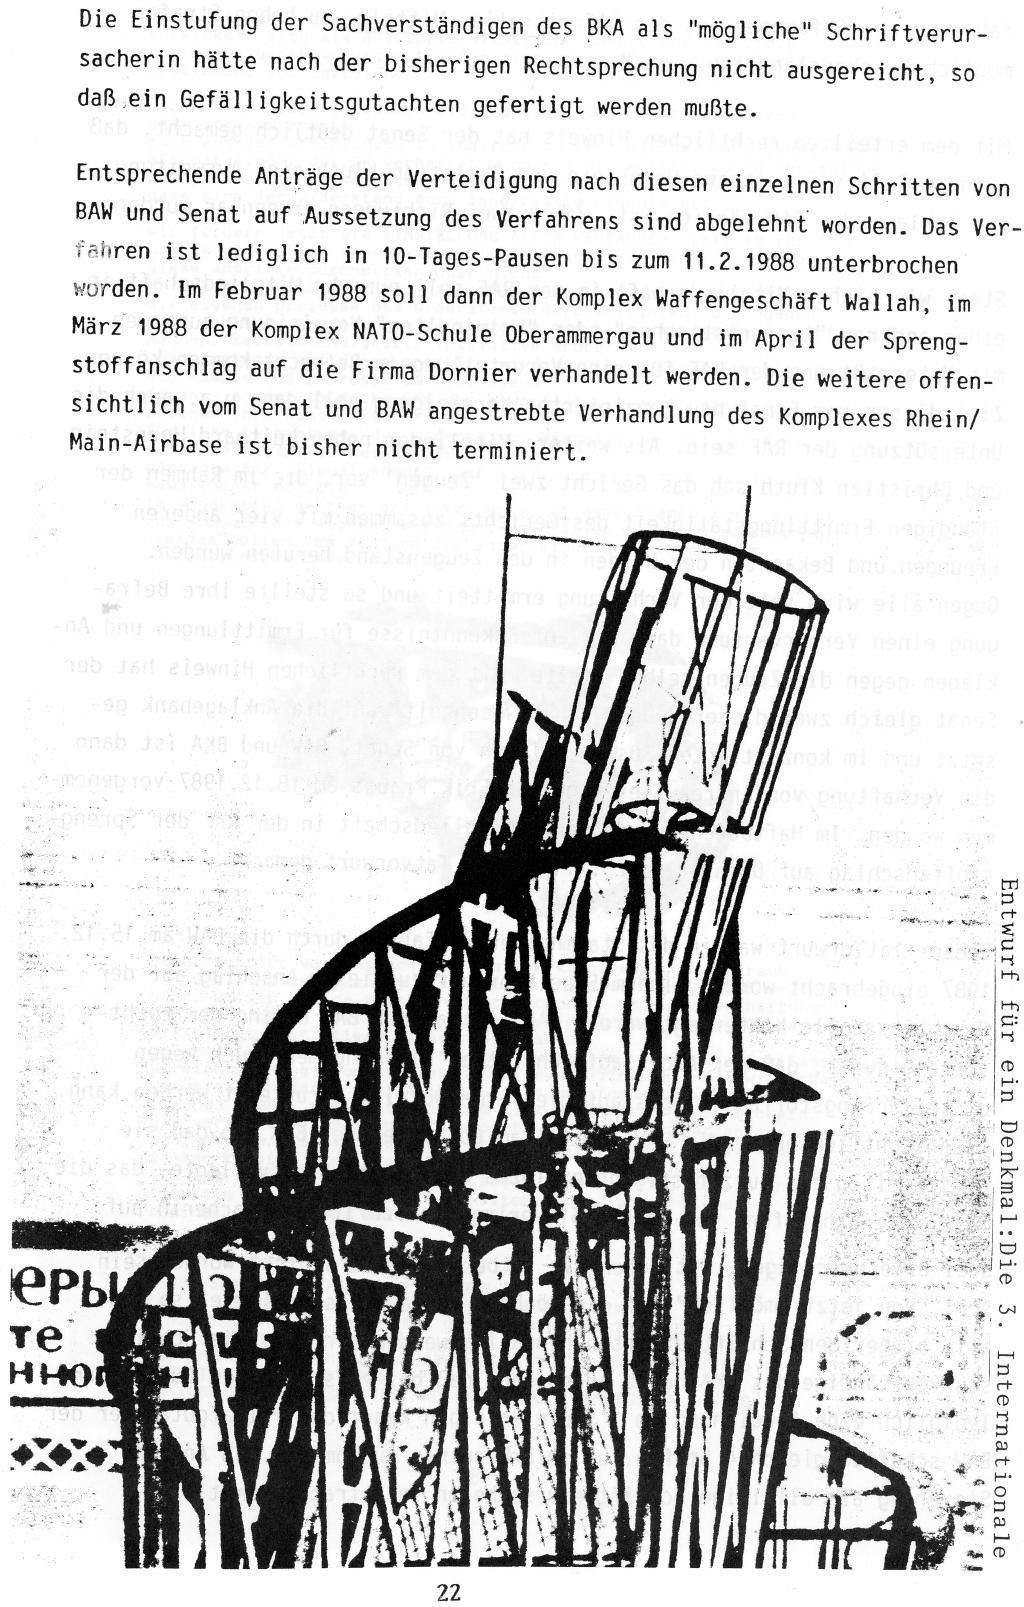 Duesseldorf_1989_Sechs_Politische_Gefangene_022